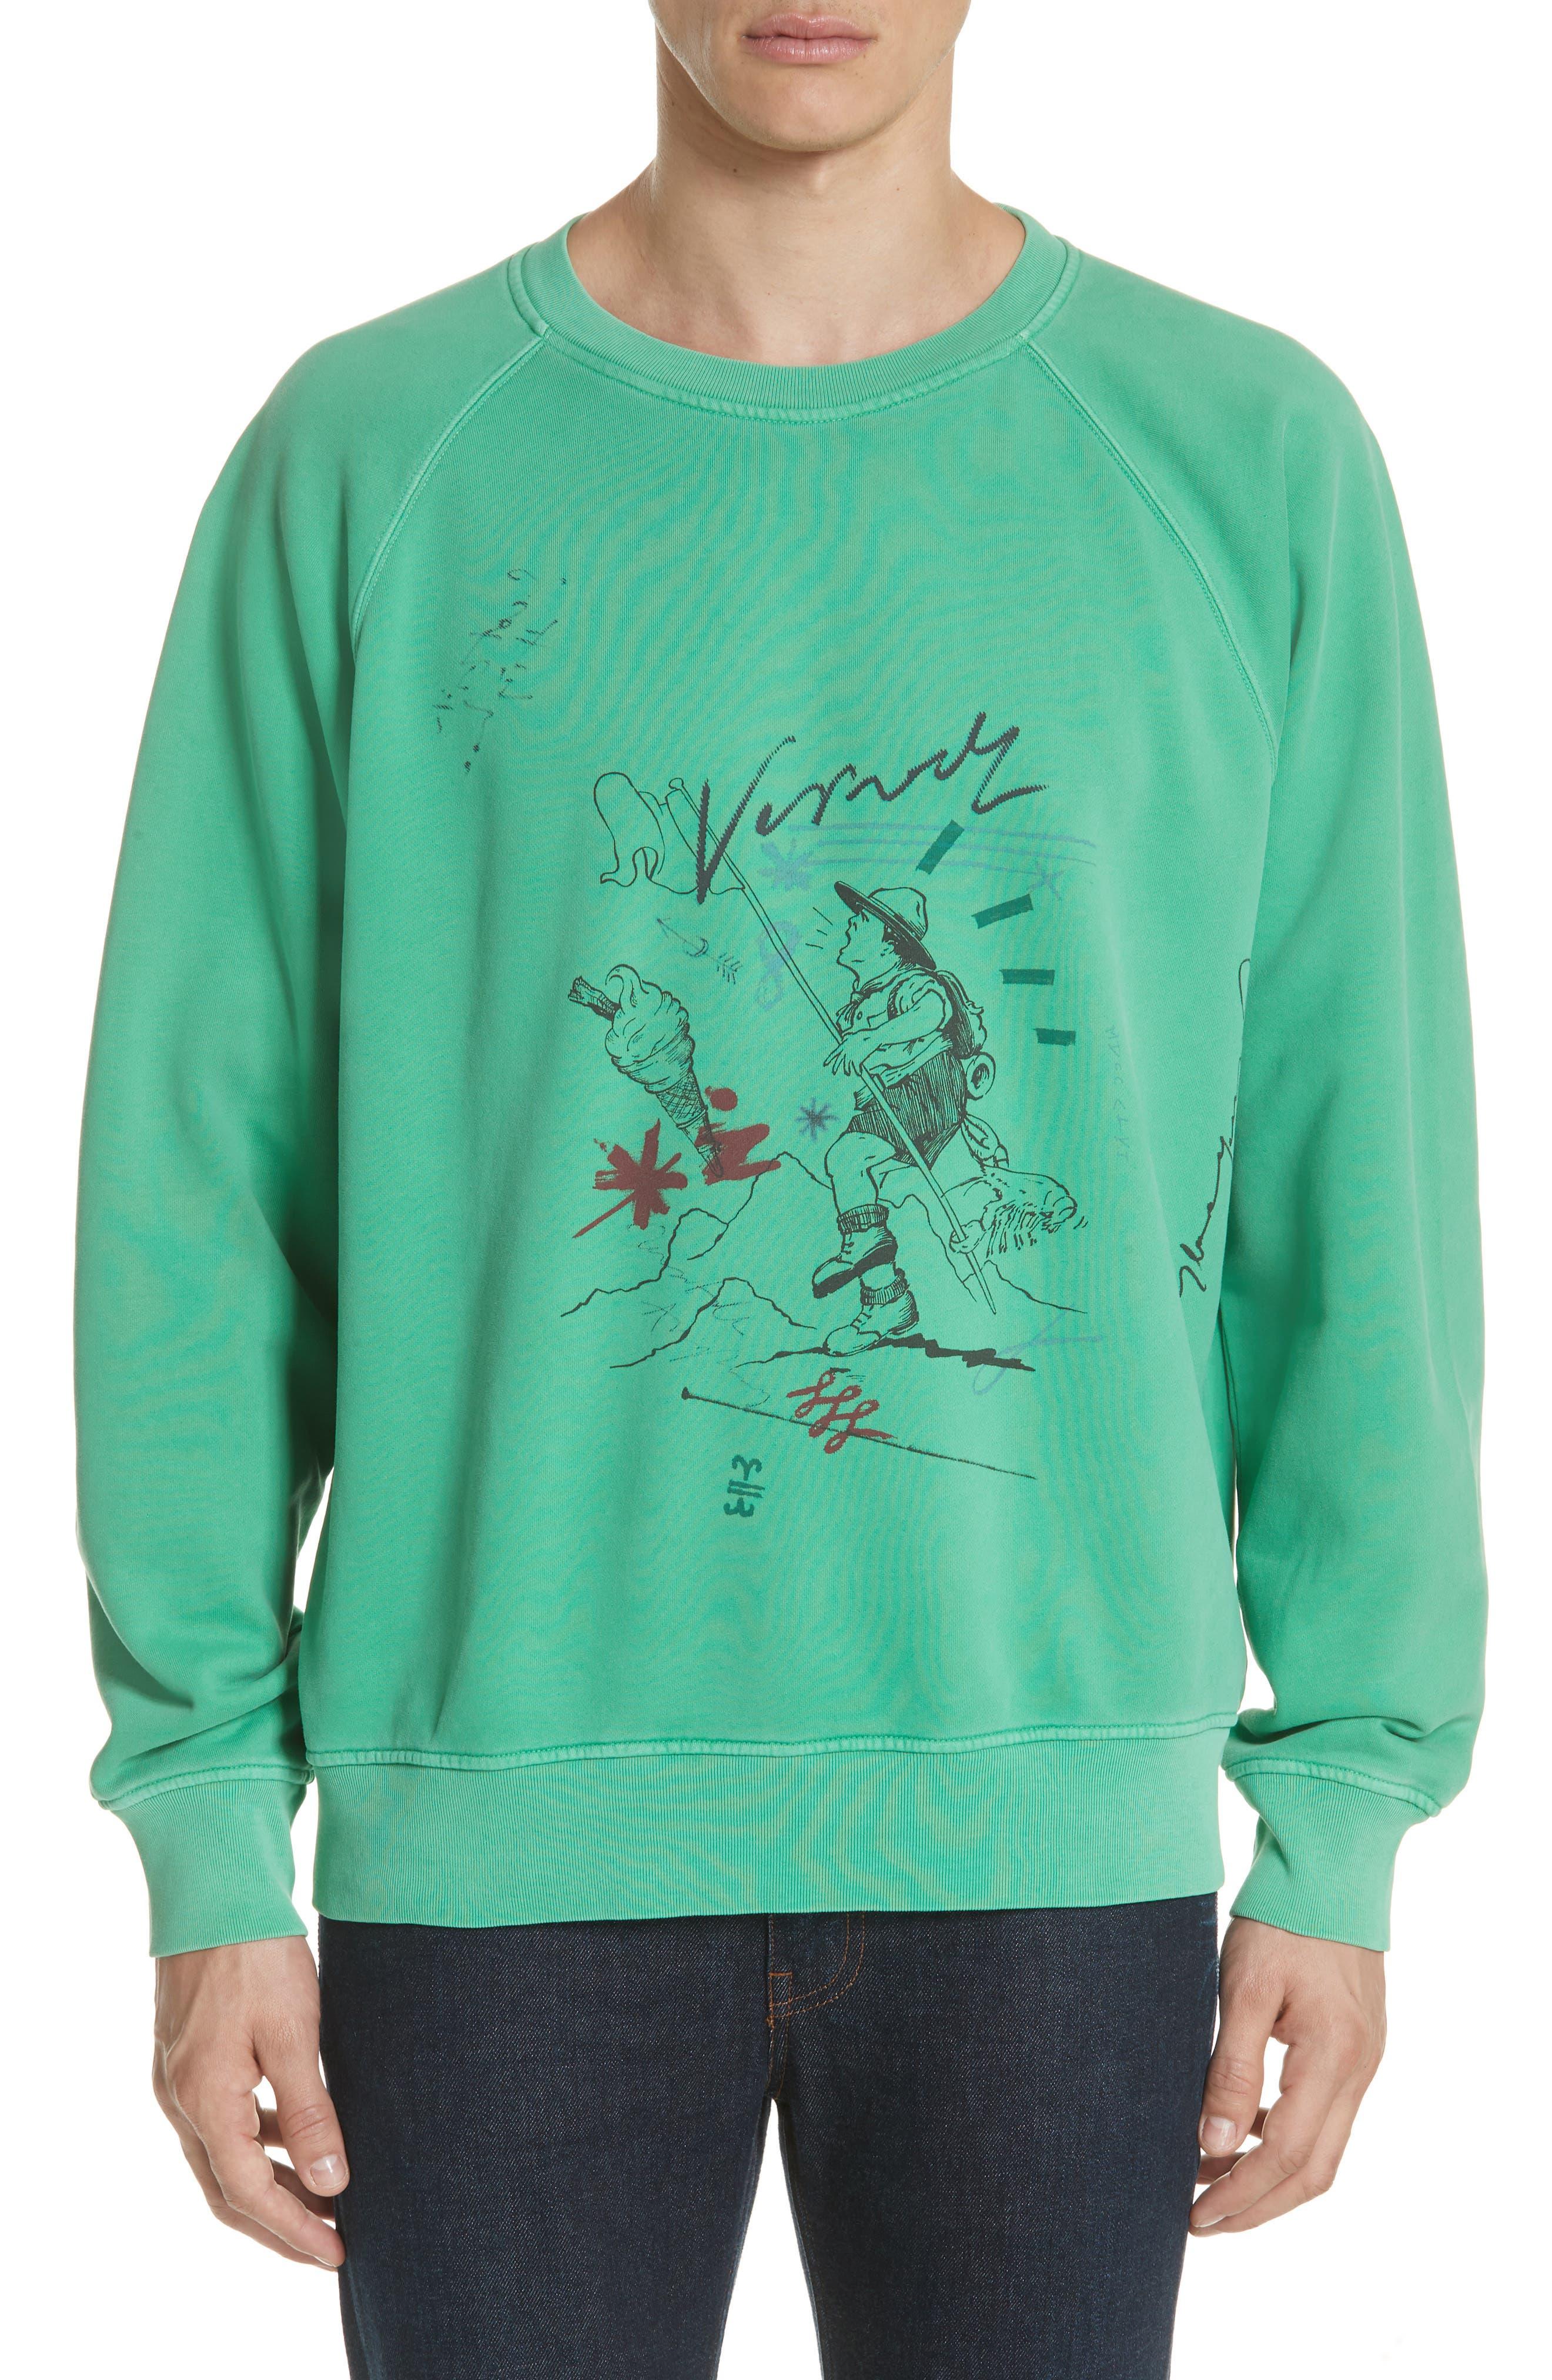 Burberry Harnett Graphic Sweatshirt